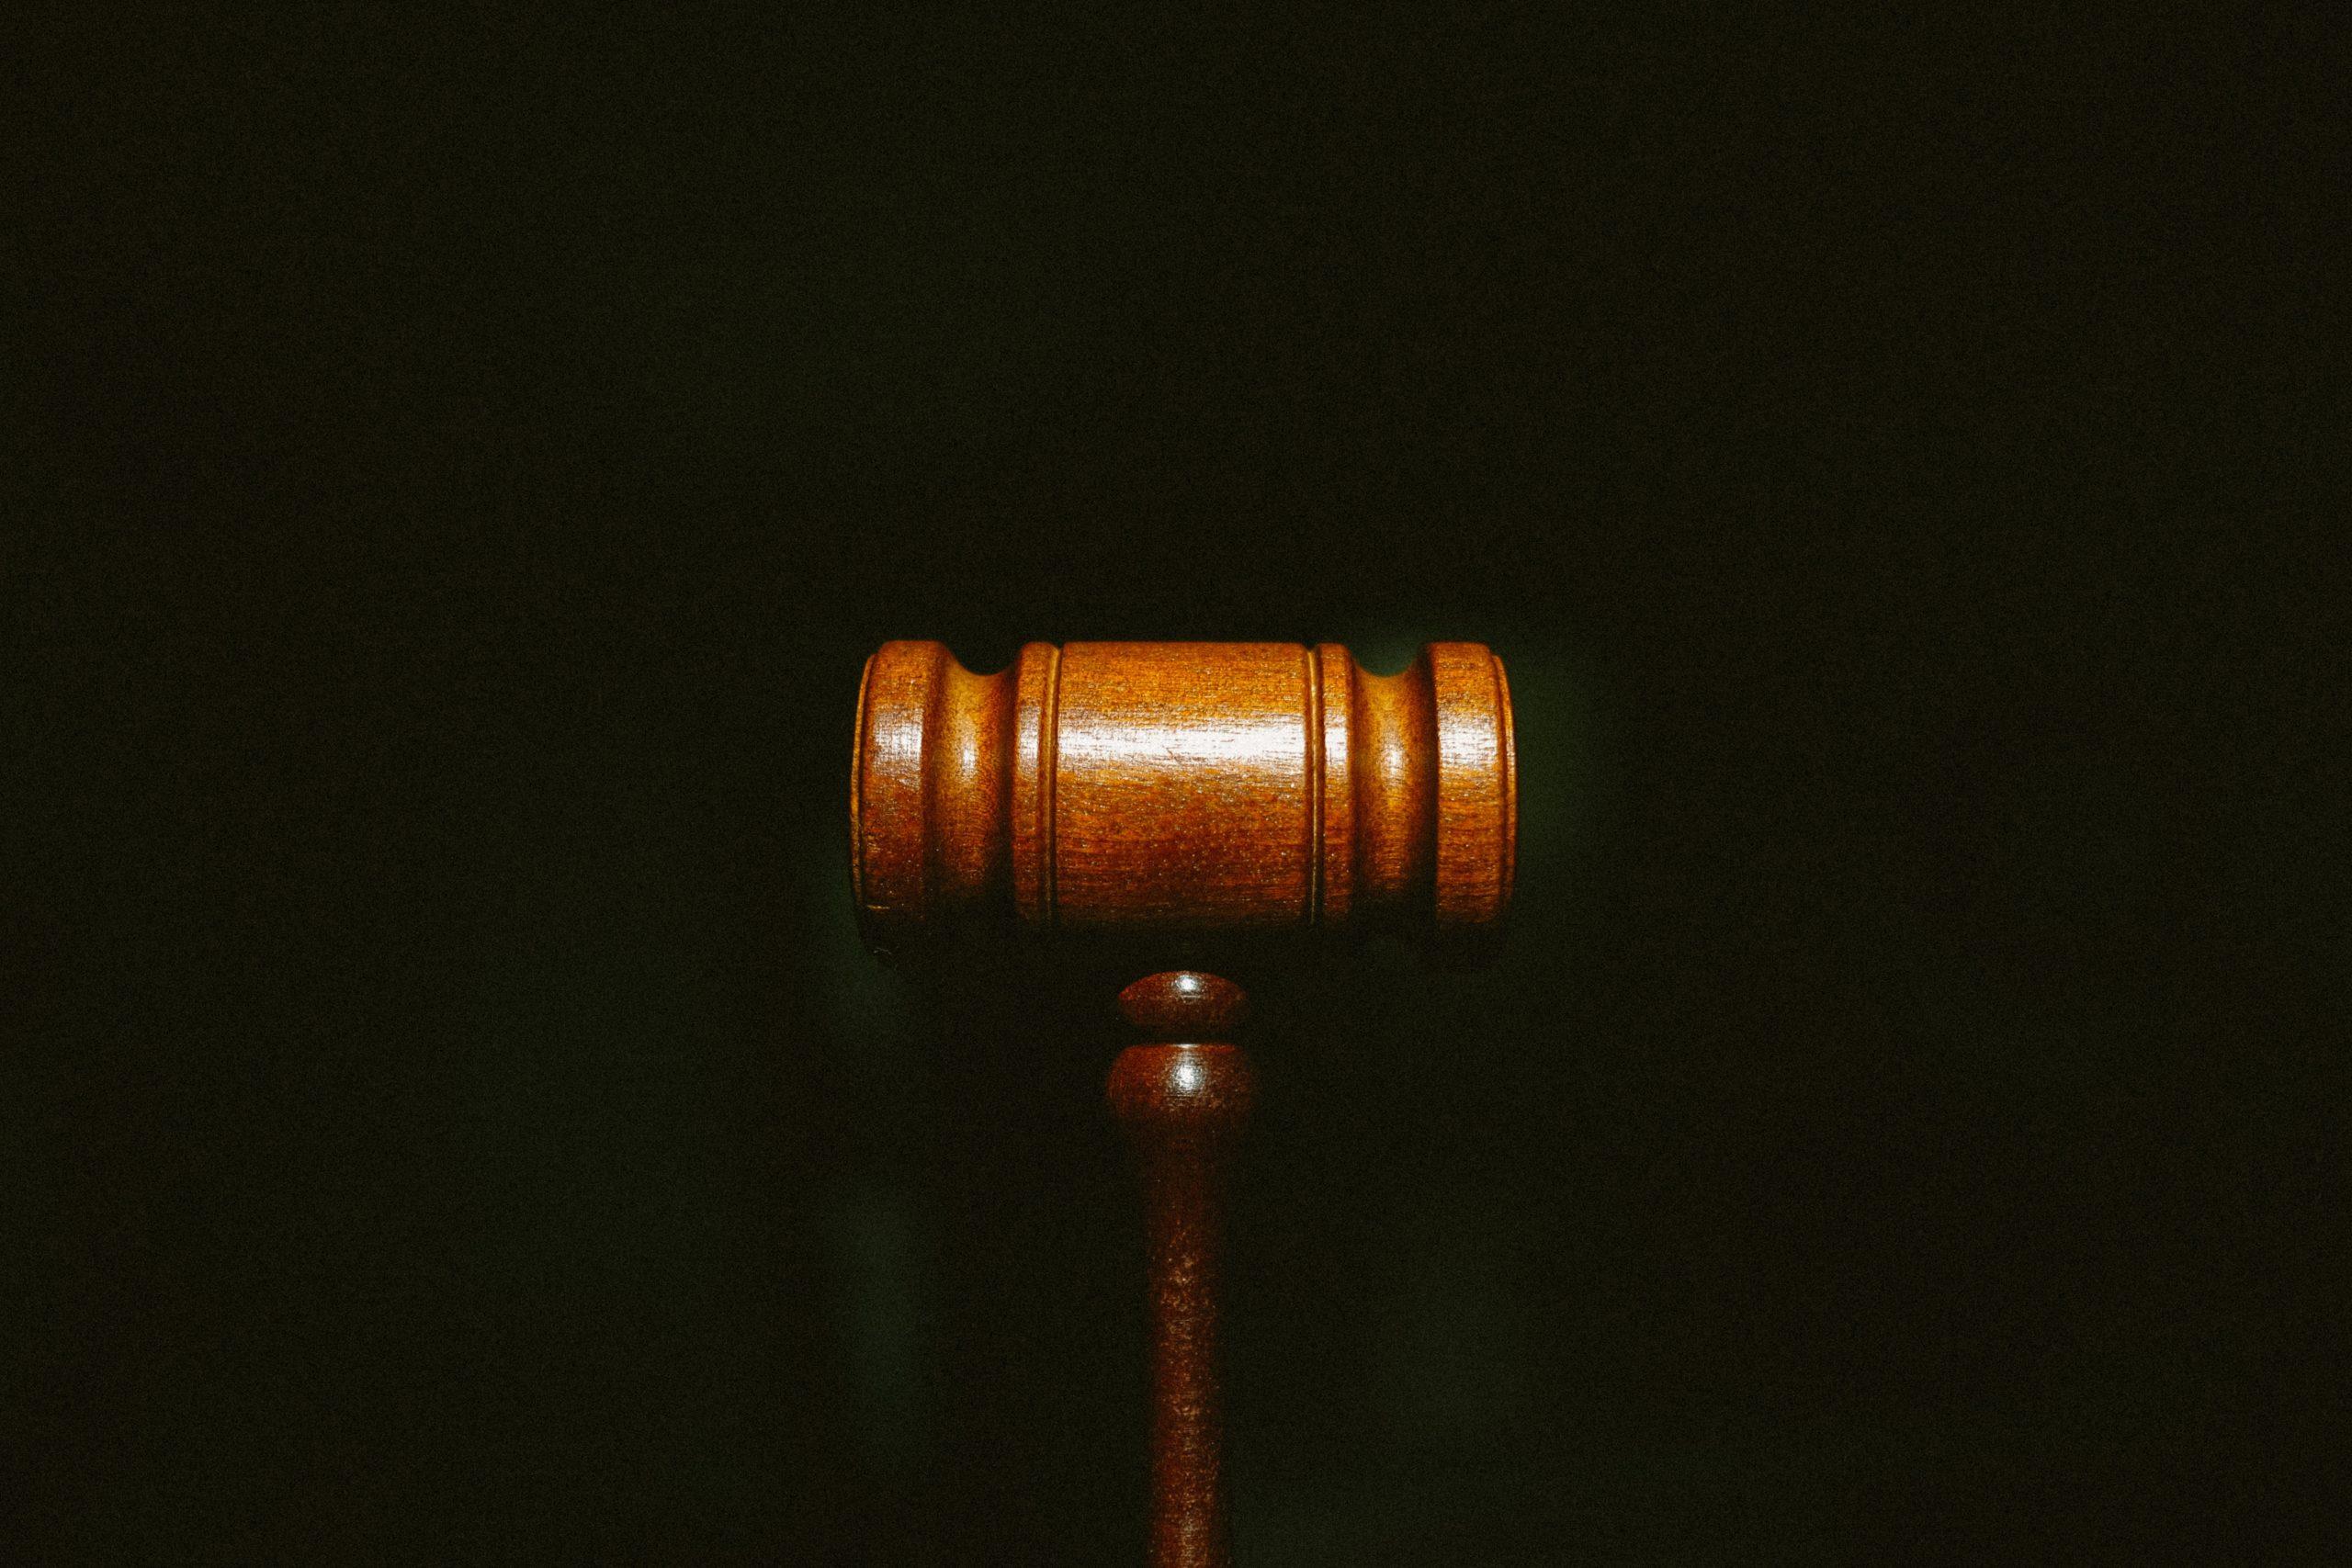 個人賠償責任保険とは?個人賠償責任保険の詳細をわかりやすく解説